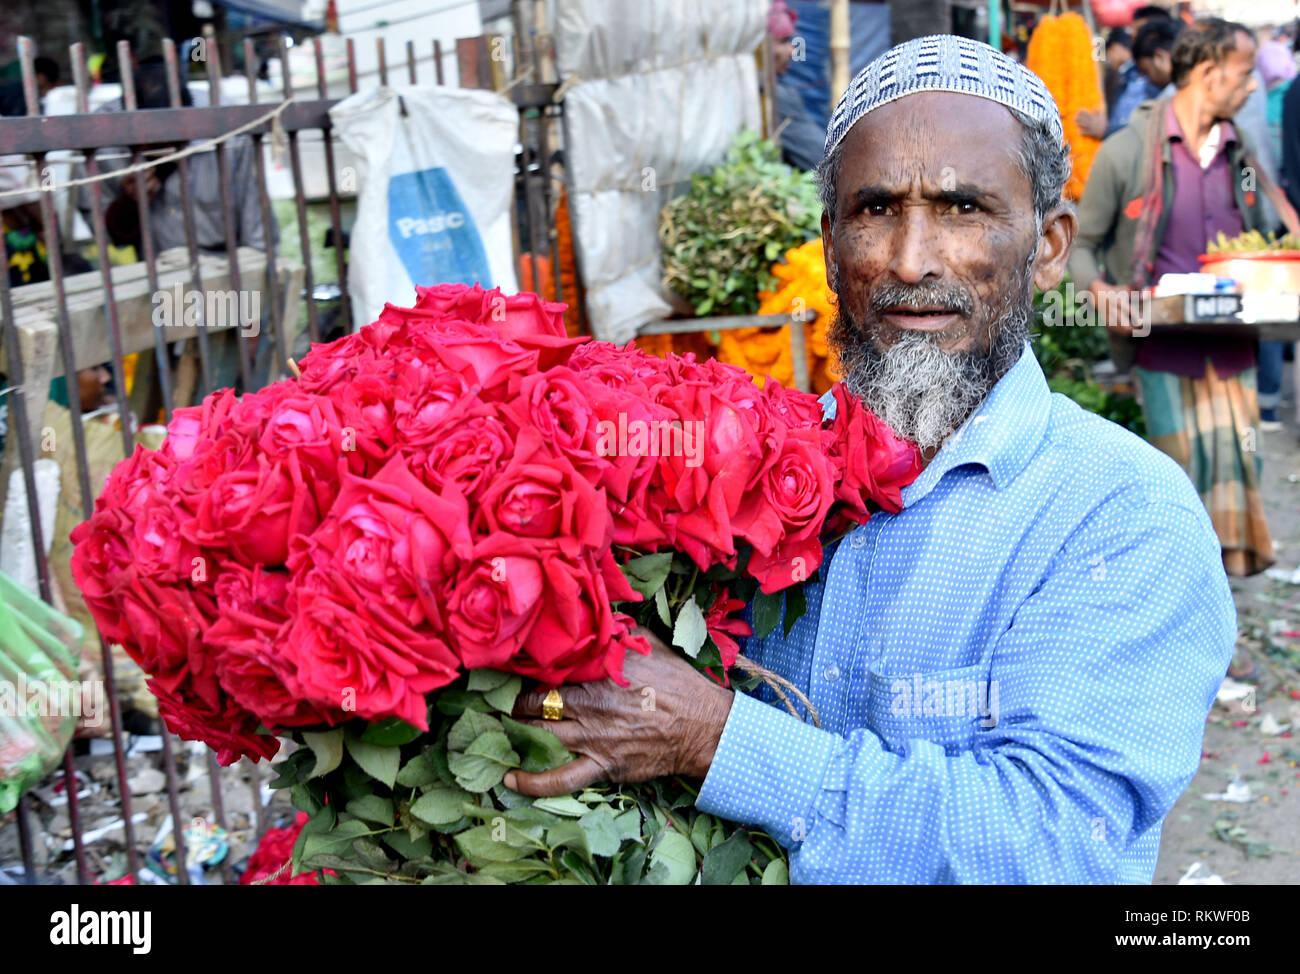 Valentines Day At Trader Rose >> 190212 Dhaka Feb 12 2019 Xinhua A Trader Holding Roses